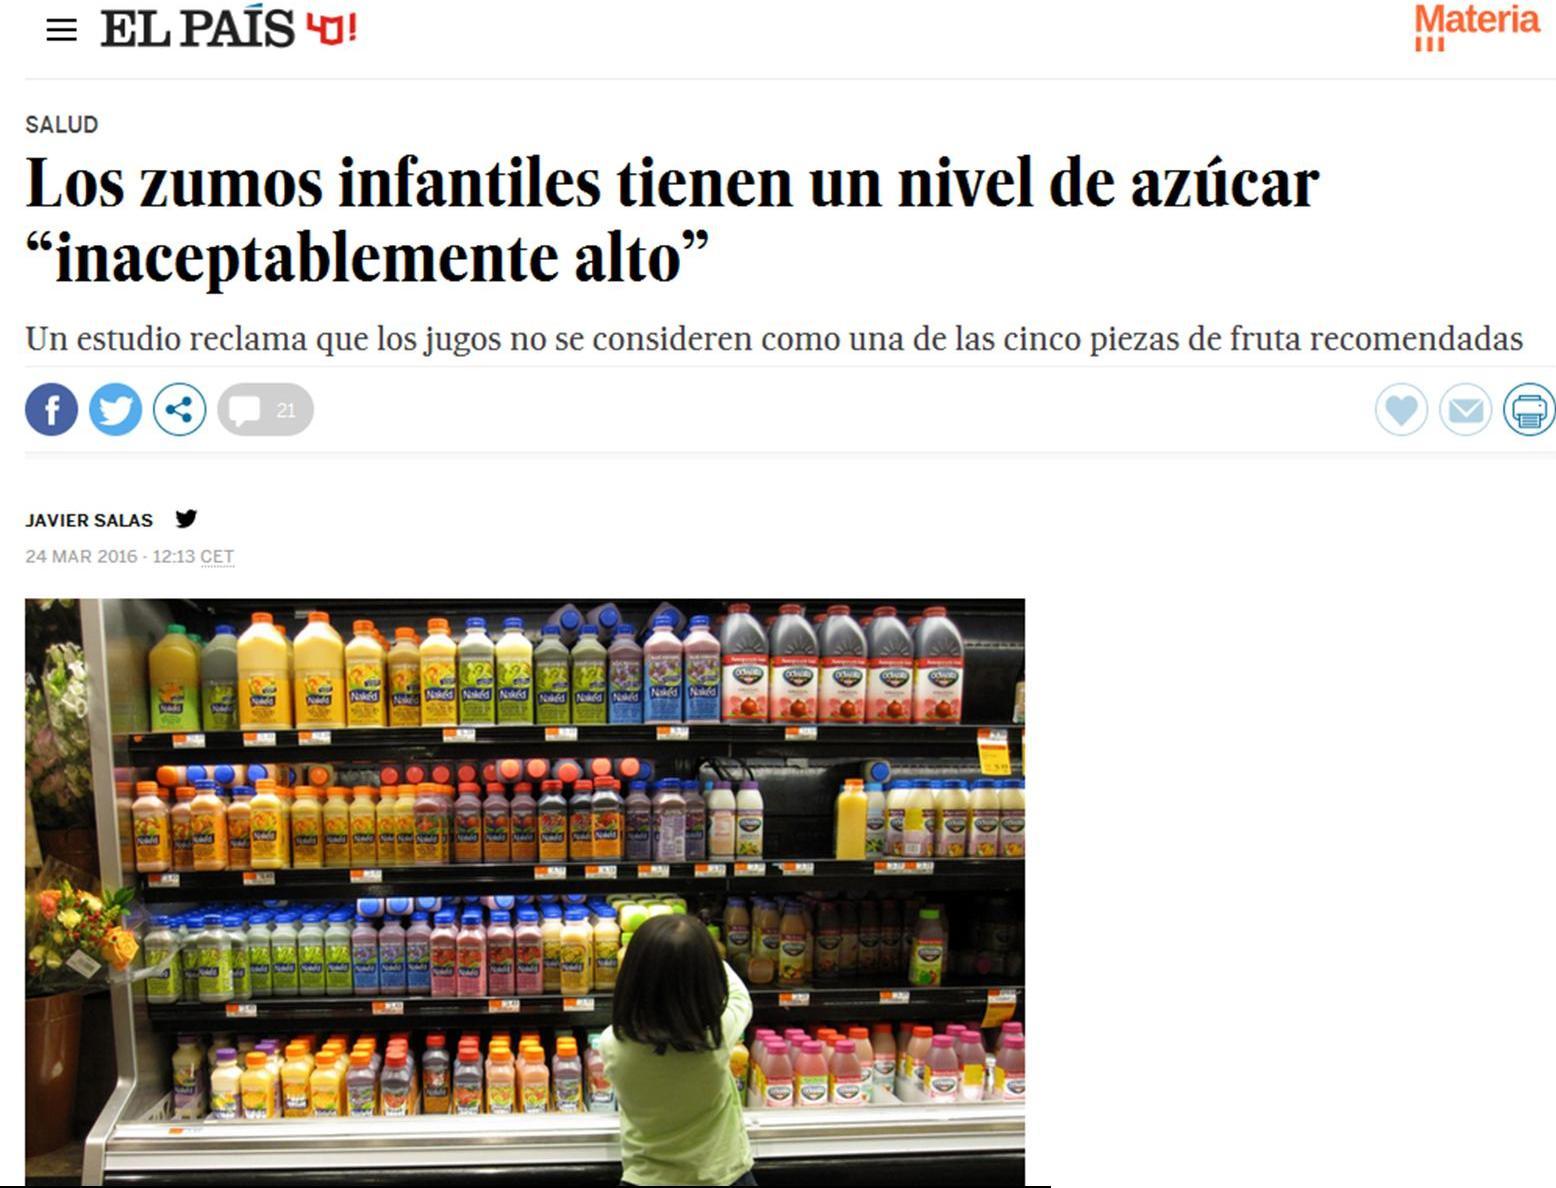 """Los zumos infantiles tienen un nivel de azúcar """"inaceptablemente alto"""" (entrevista en El País)"""